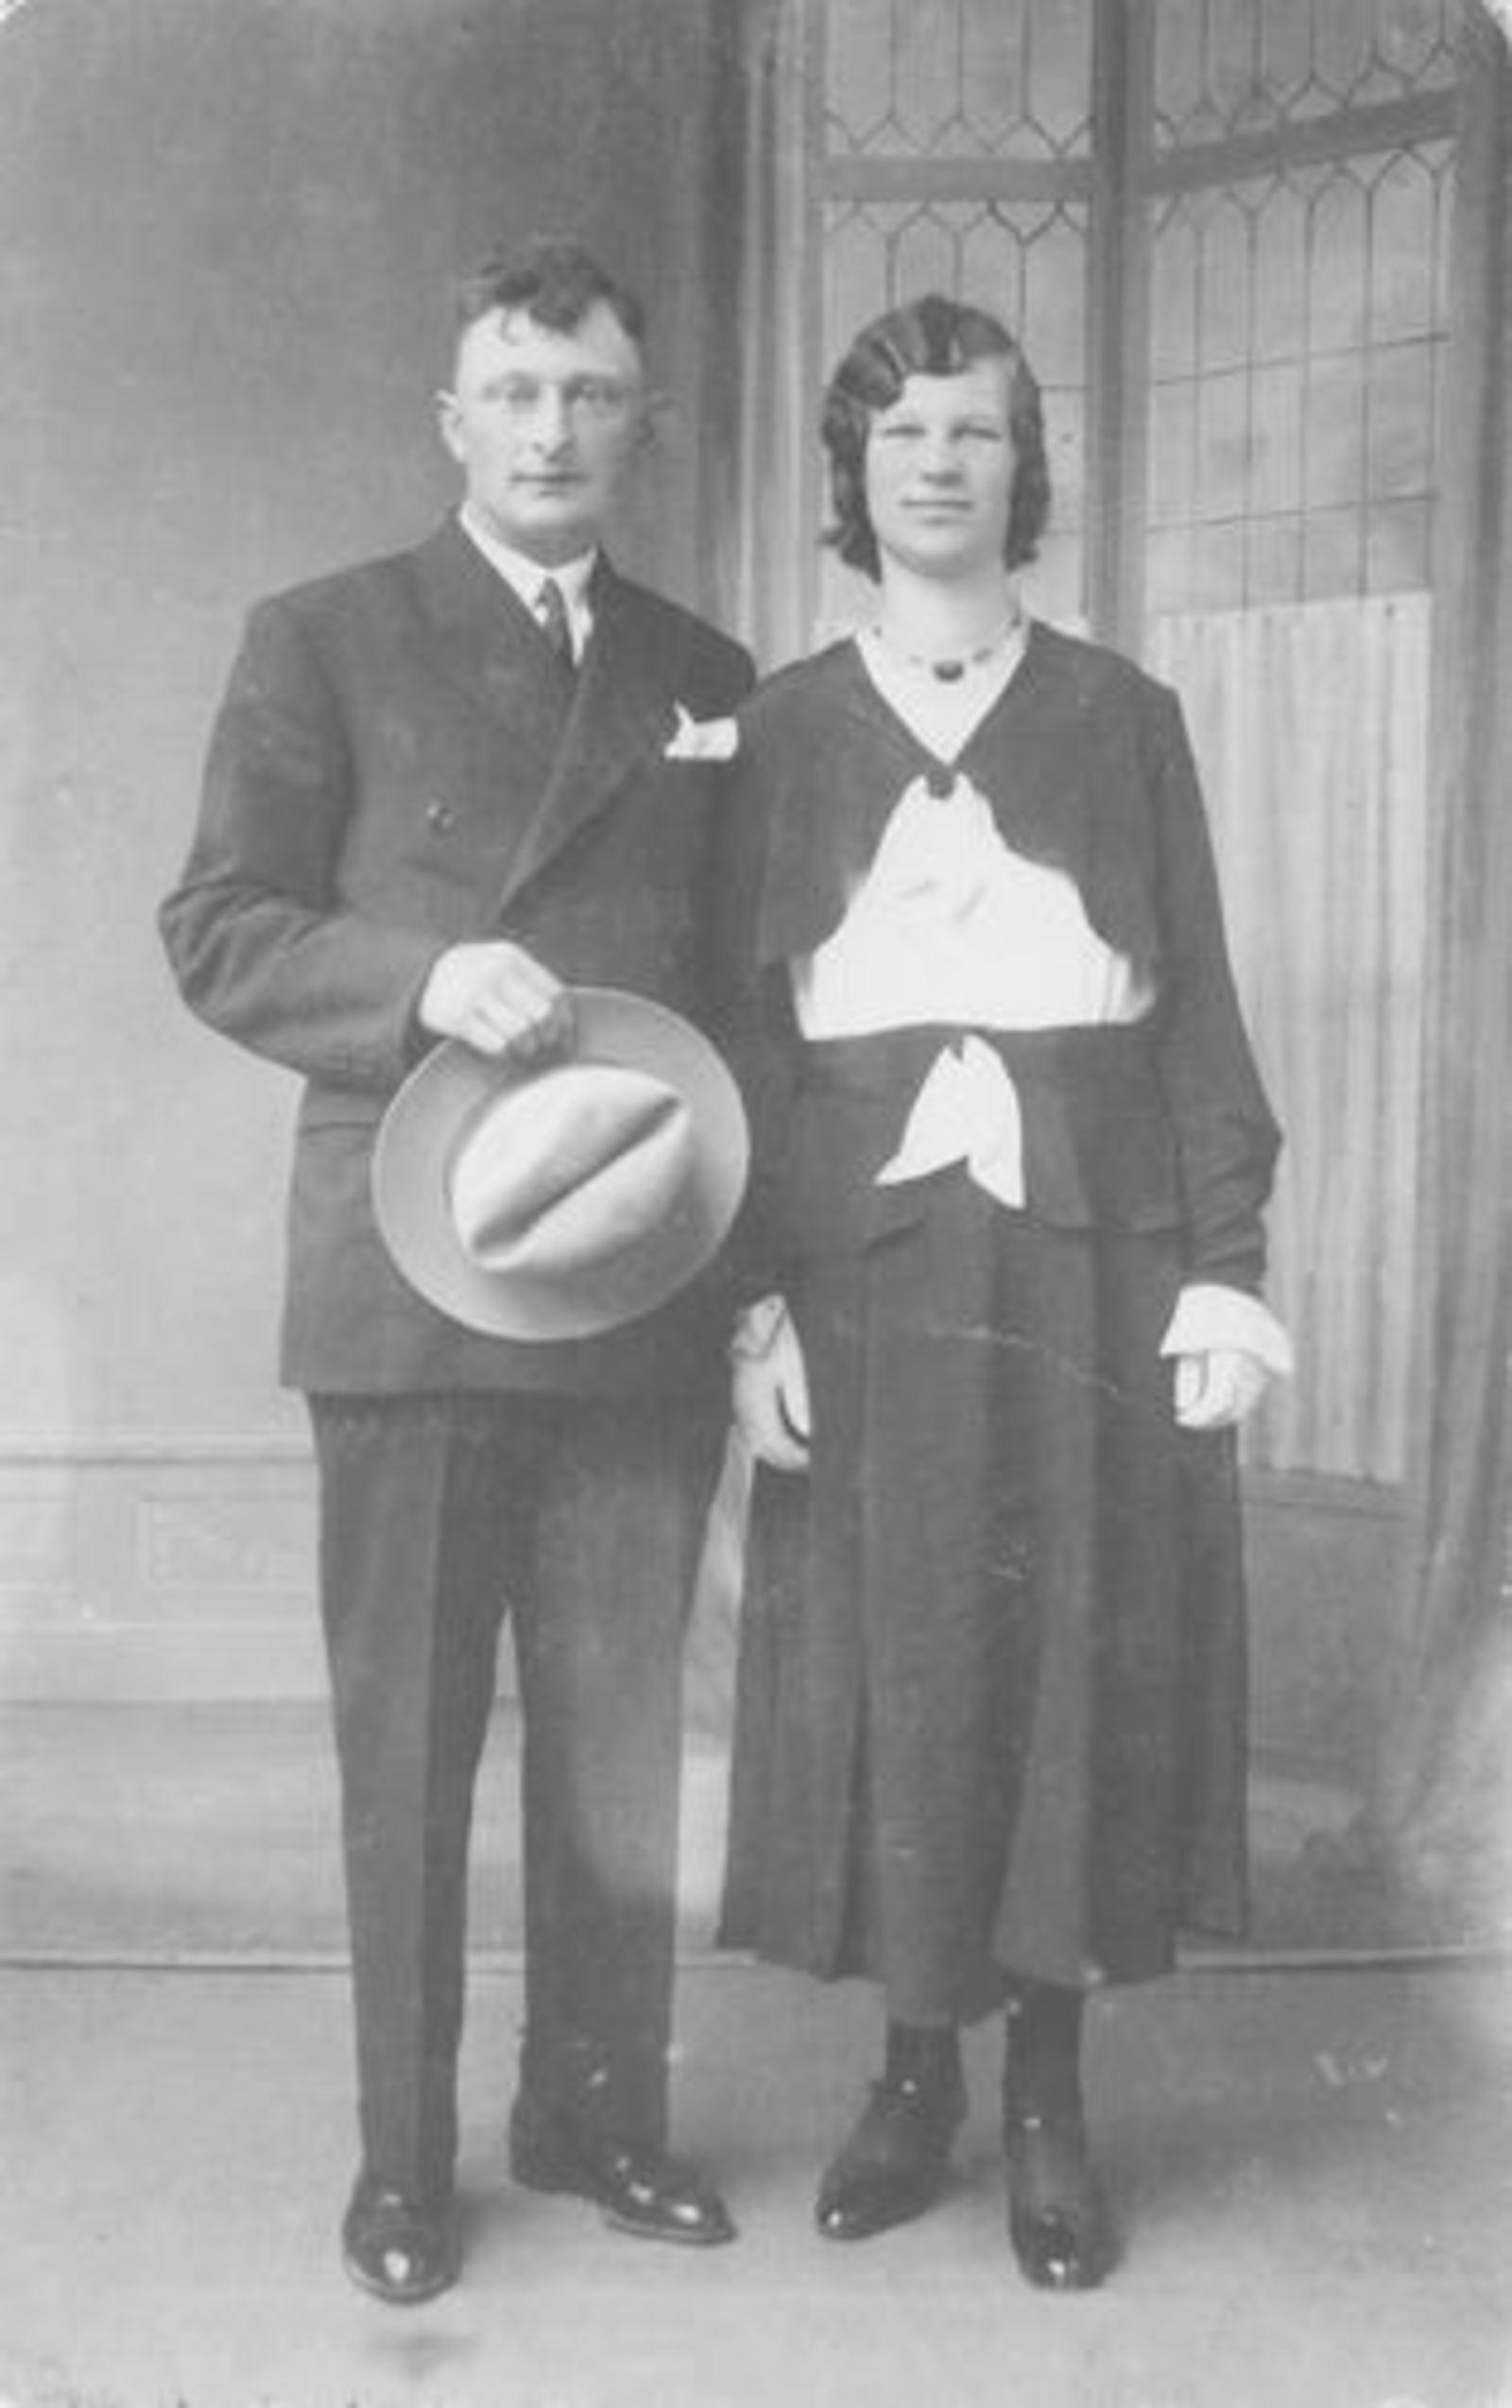 Bliek Jaantje 1912 1932 trouwt Joost van Veen